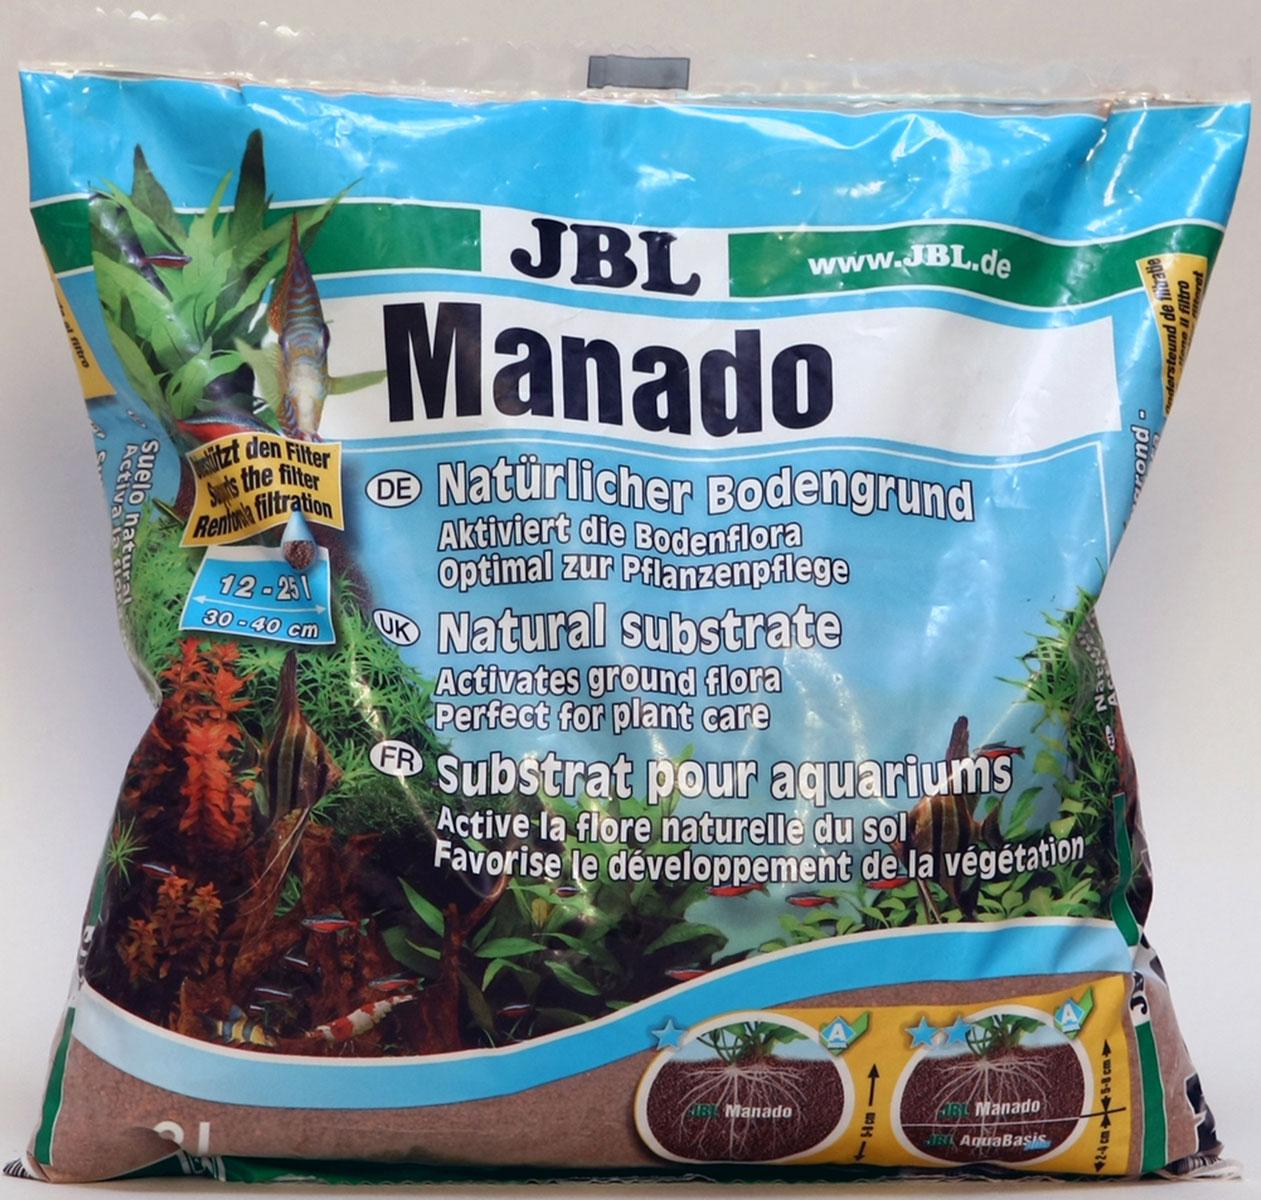 Питательный грунт JBL Manado, улучшающий качество воды и стимулирующий рост растений,цвет: красно-коричневый (латеритной почвы), 3 лJBL6702200JBL Manado 3l - Питательный грунт, улучшающий качество воды и стимулирующий рост растений, красно-коричневый (цвет латеритной почвы), 3 литра.